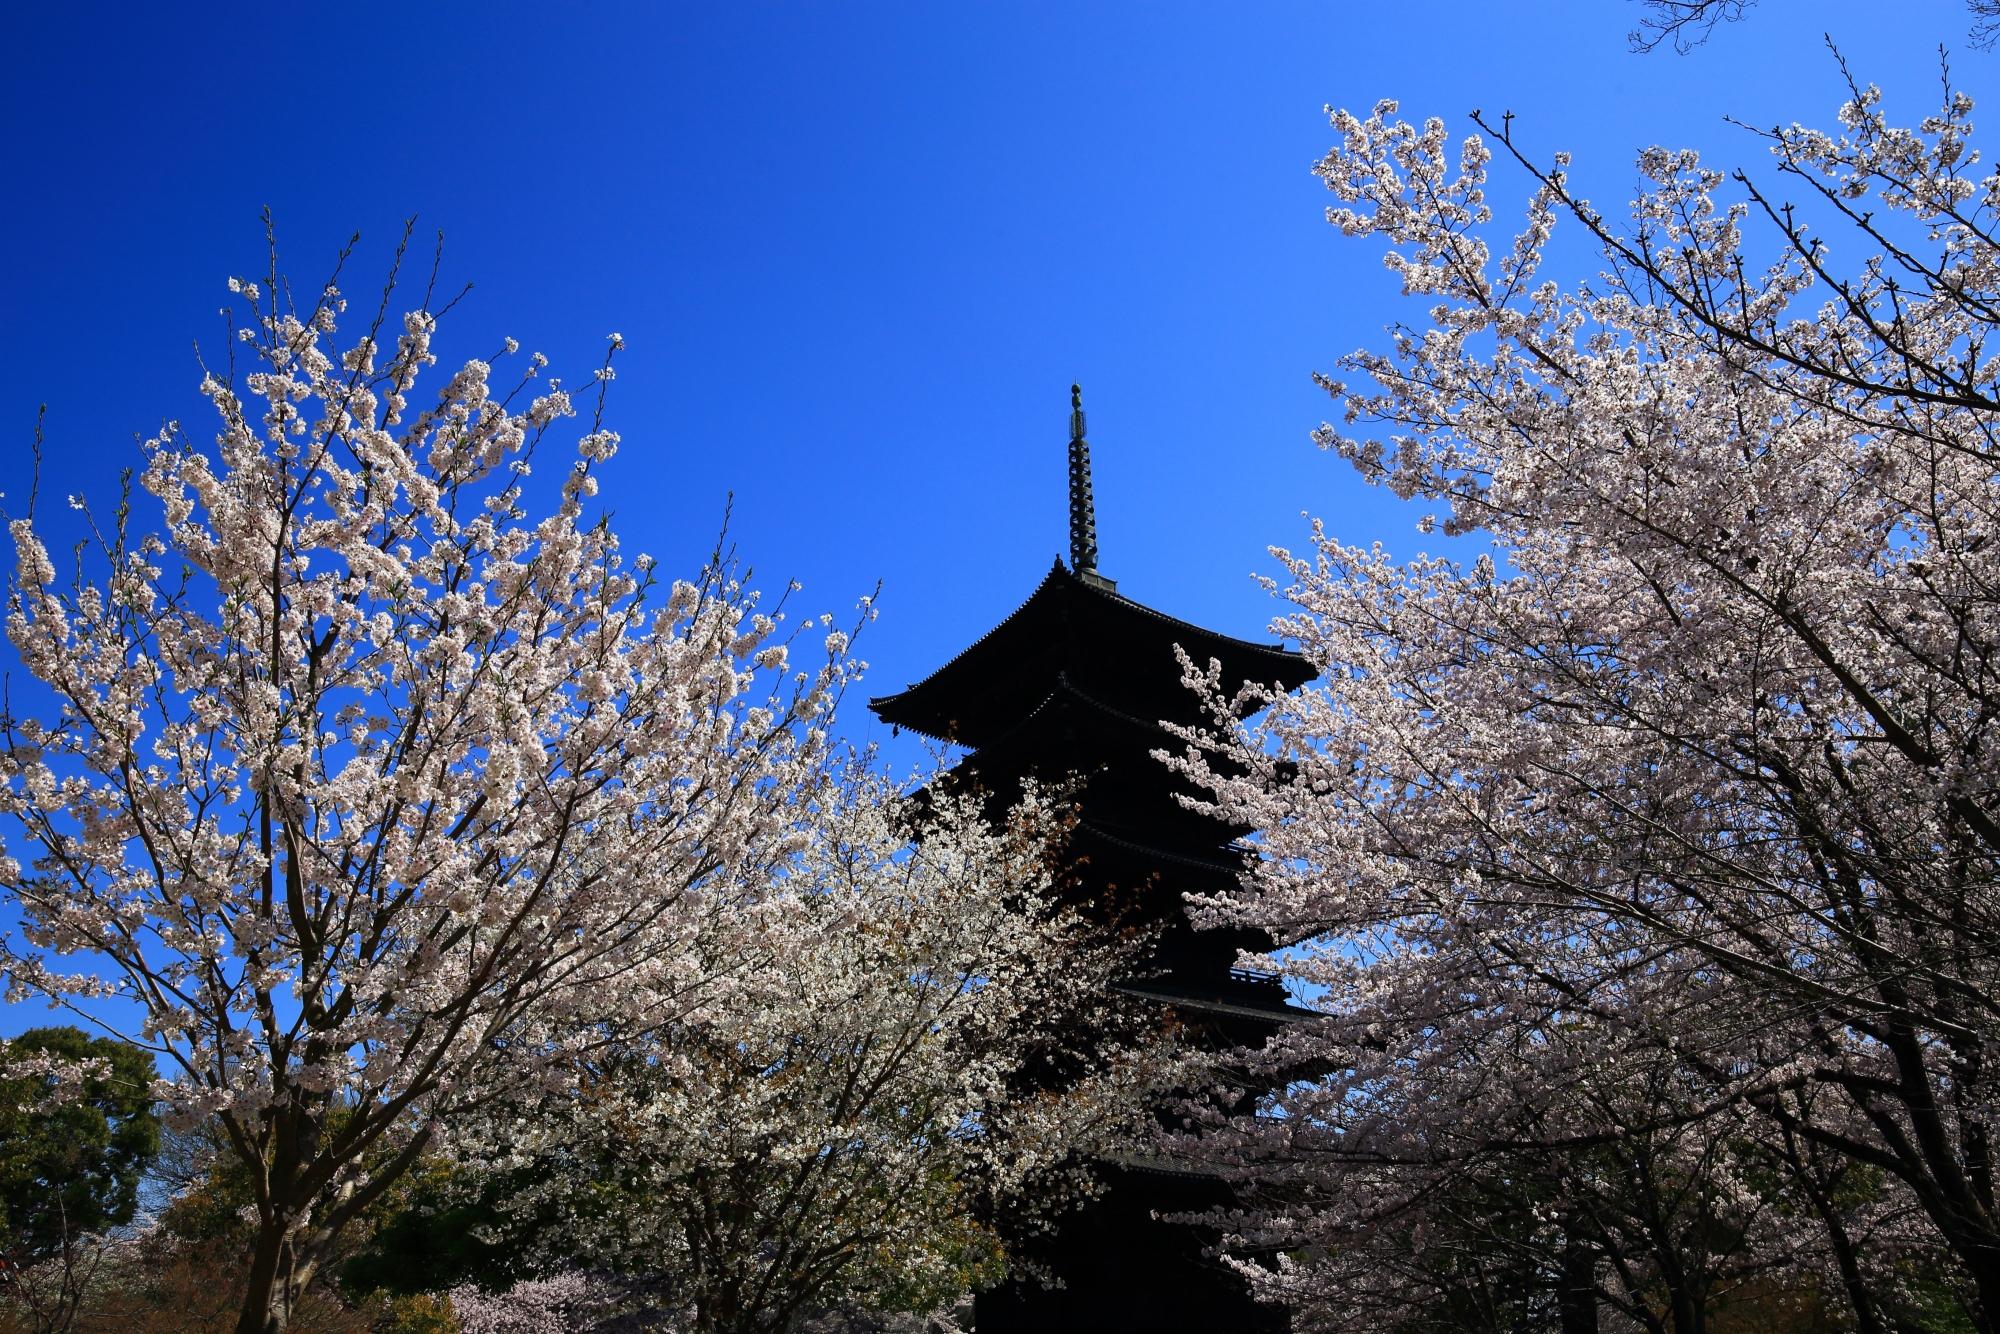 五重塔をそめる絵になる桜の風景